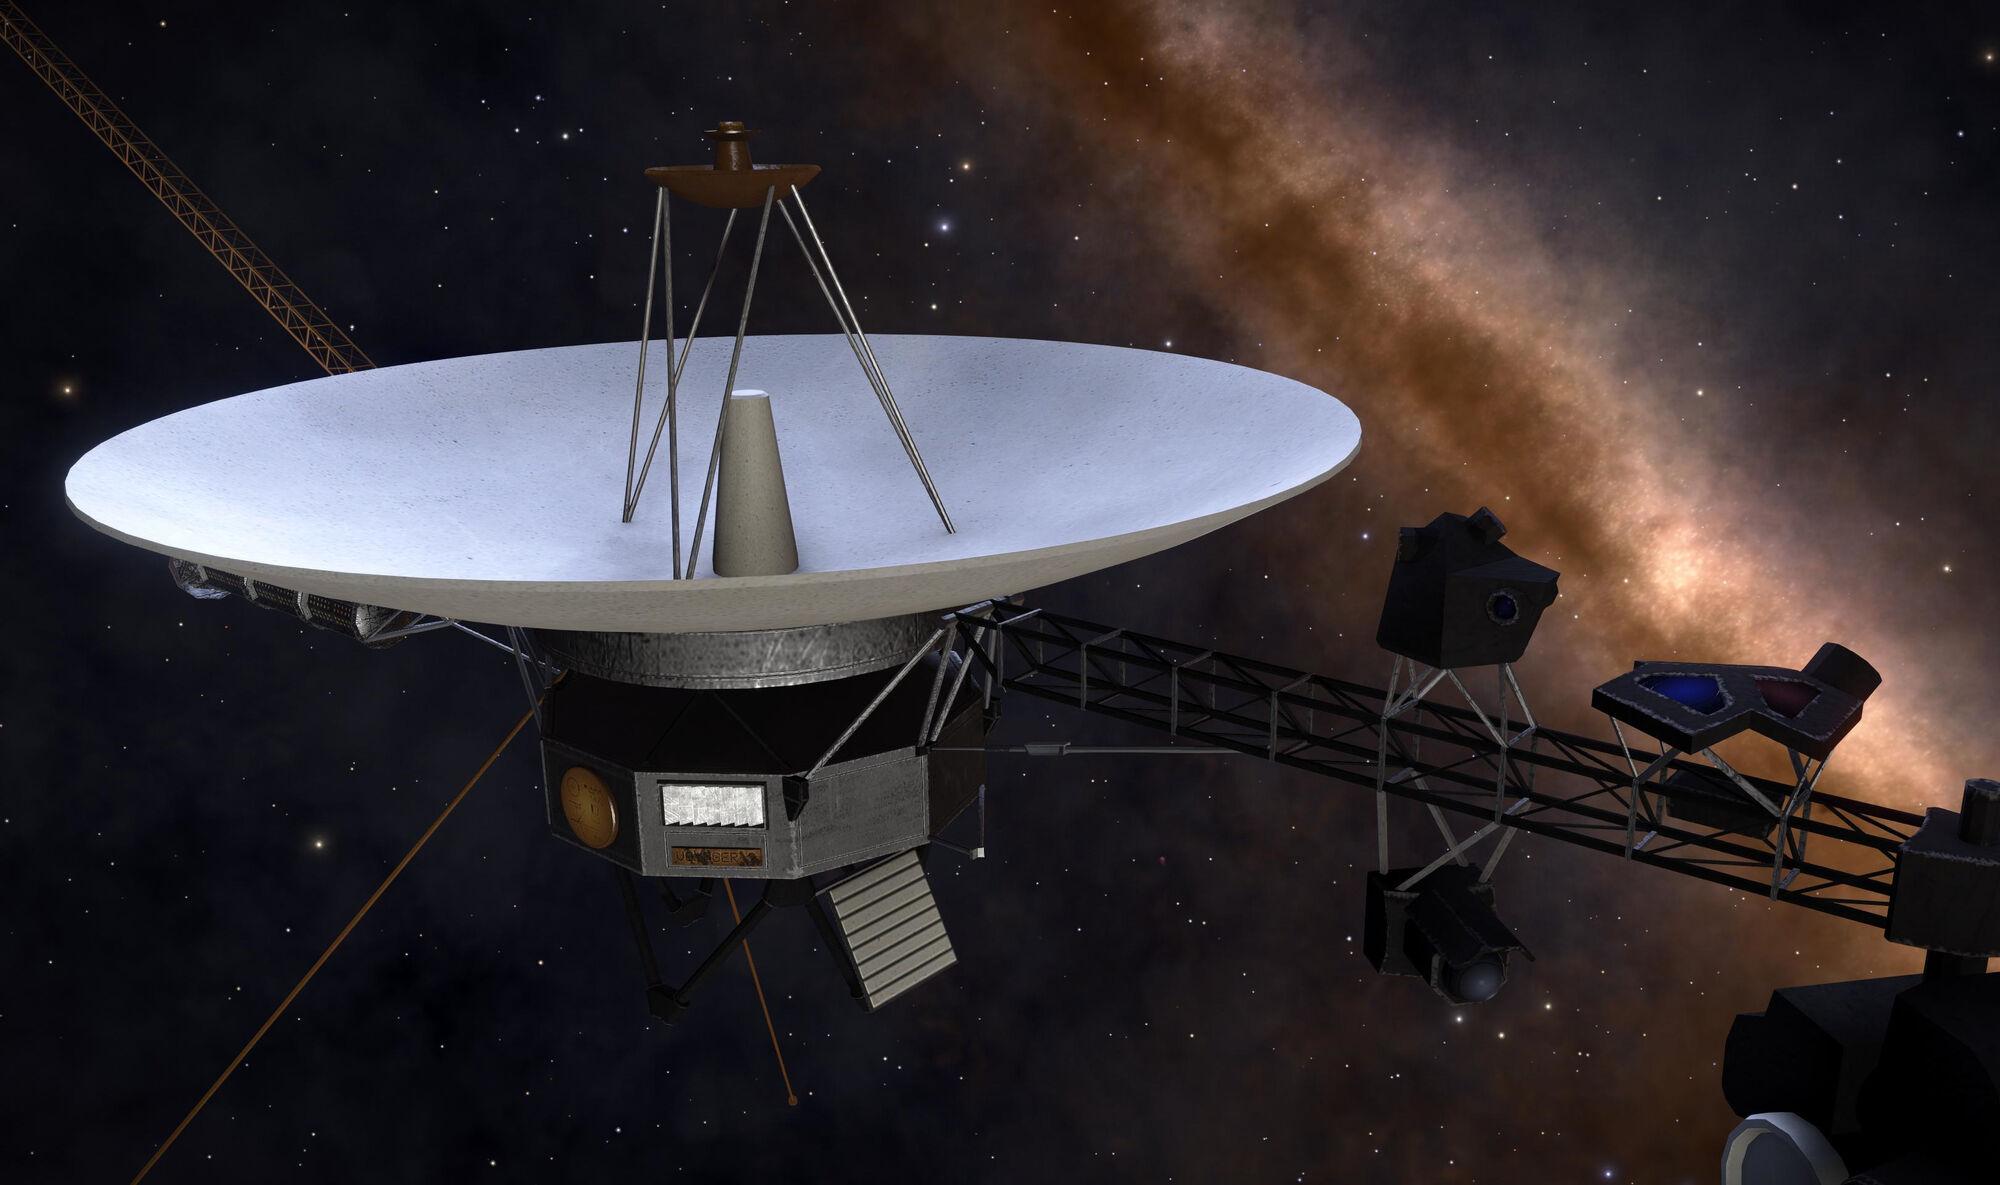 Voyager 2 | Elite Dangerous Wiki | FANDOM powered by Wikia